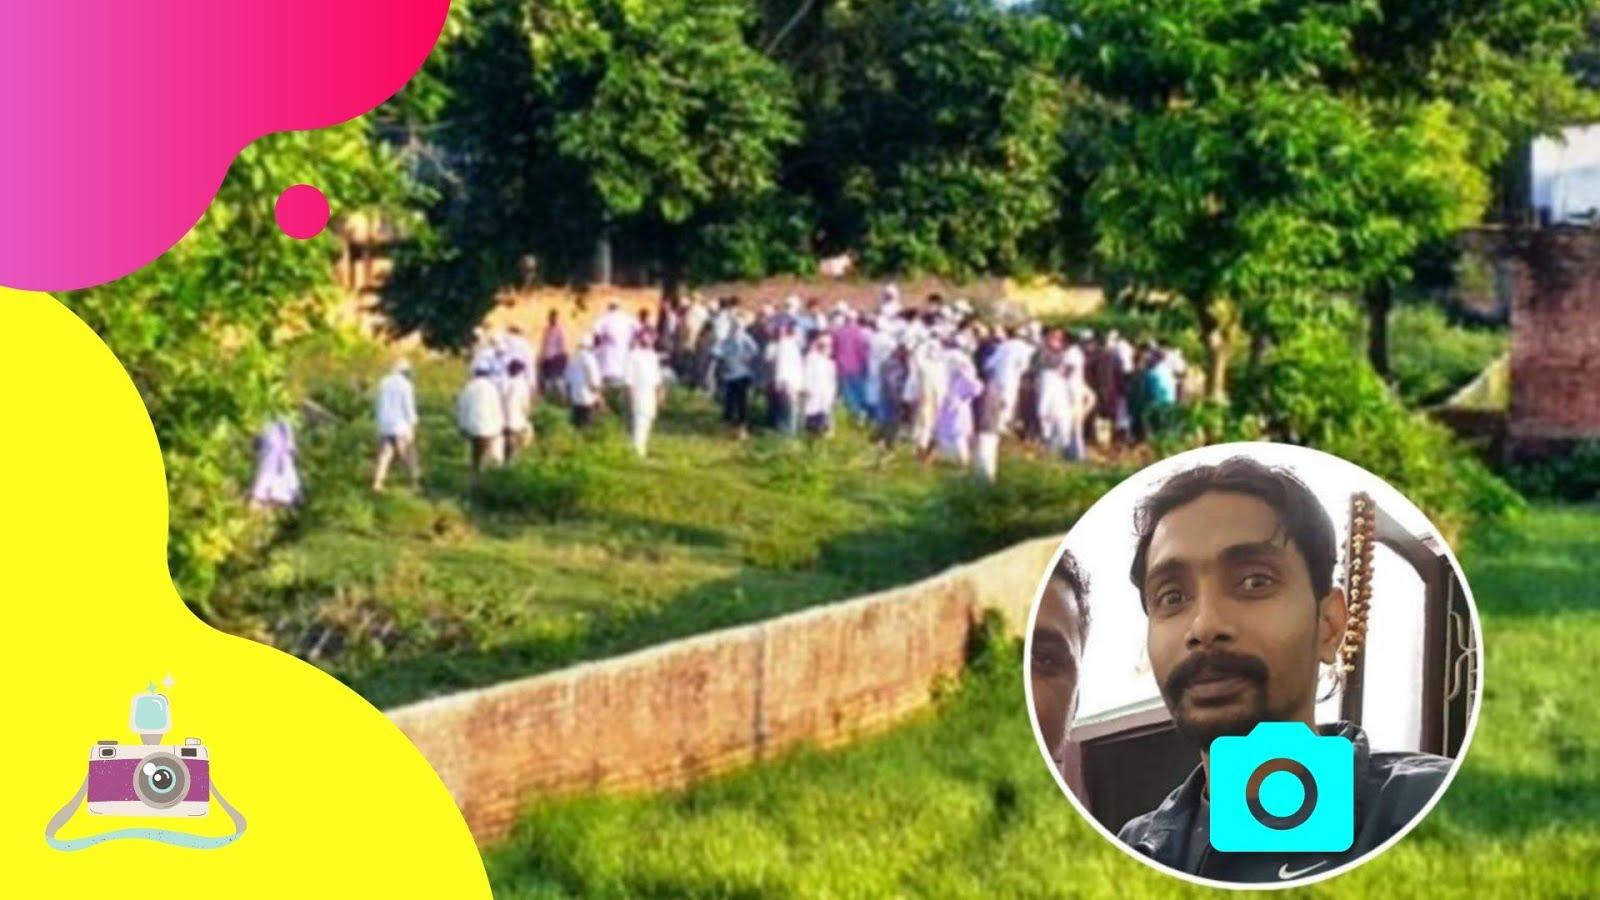 फोटो खिचनिहार पत्रकारके परिवार उपर आक्रमण